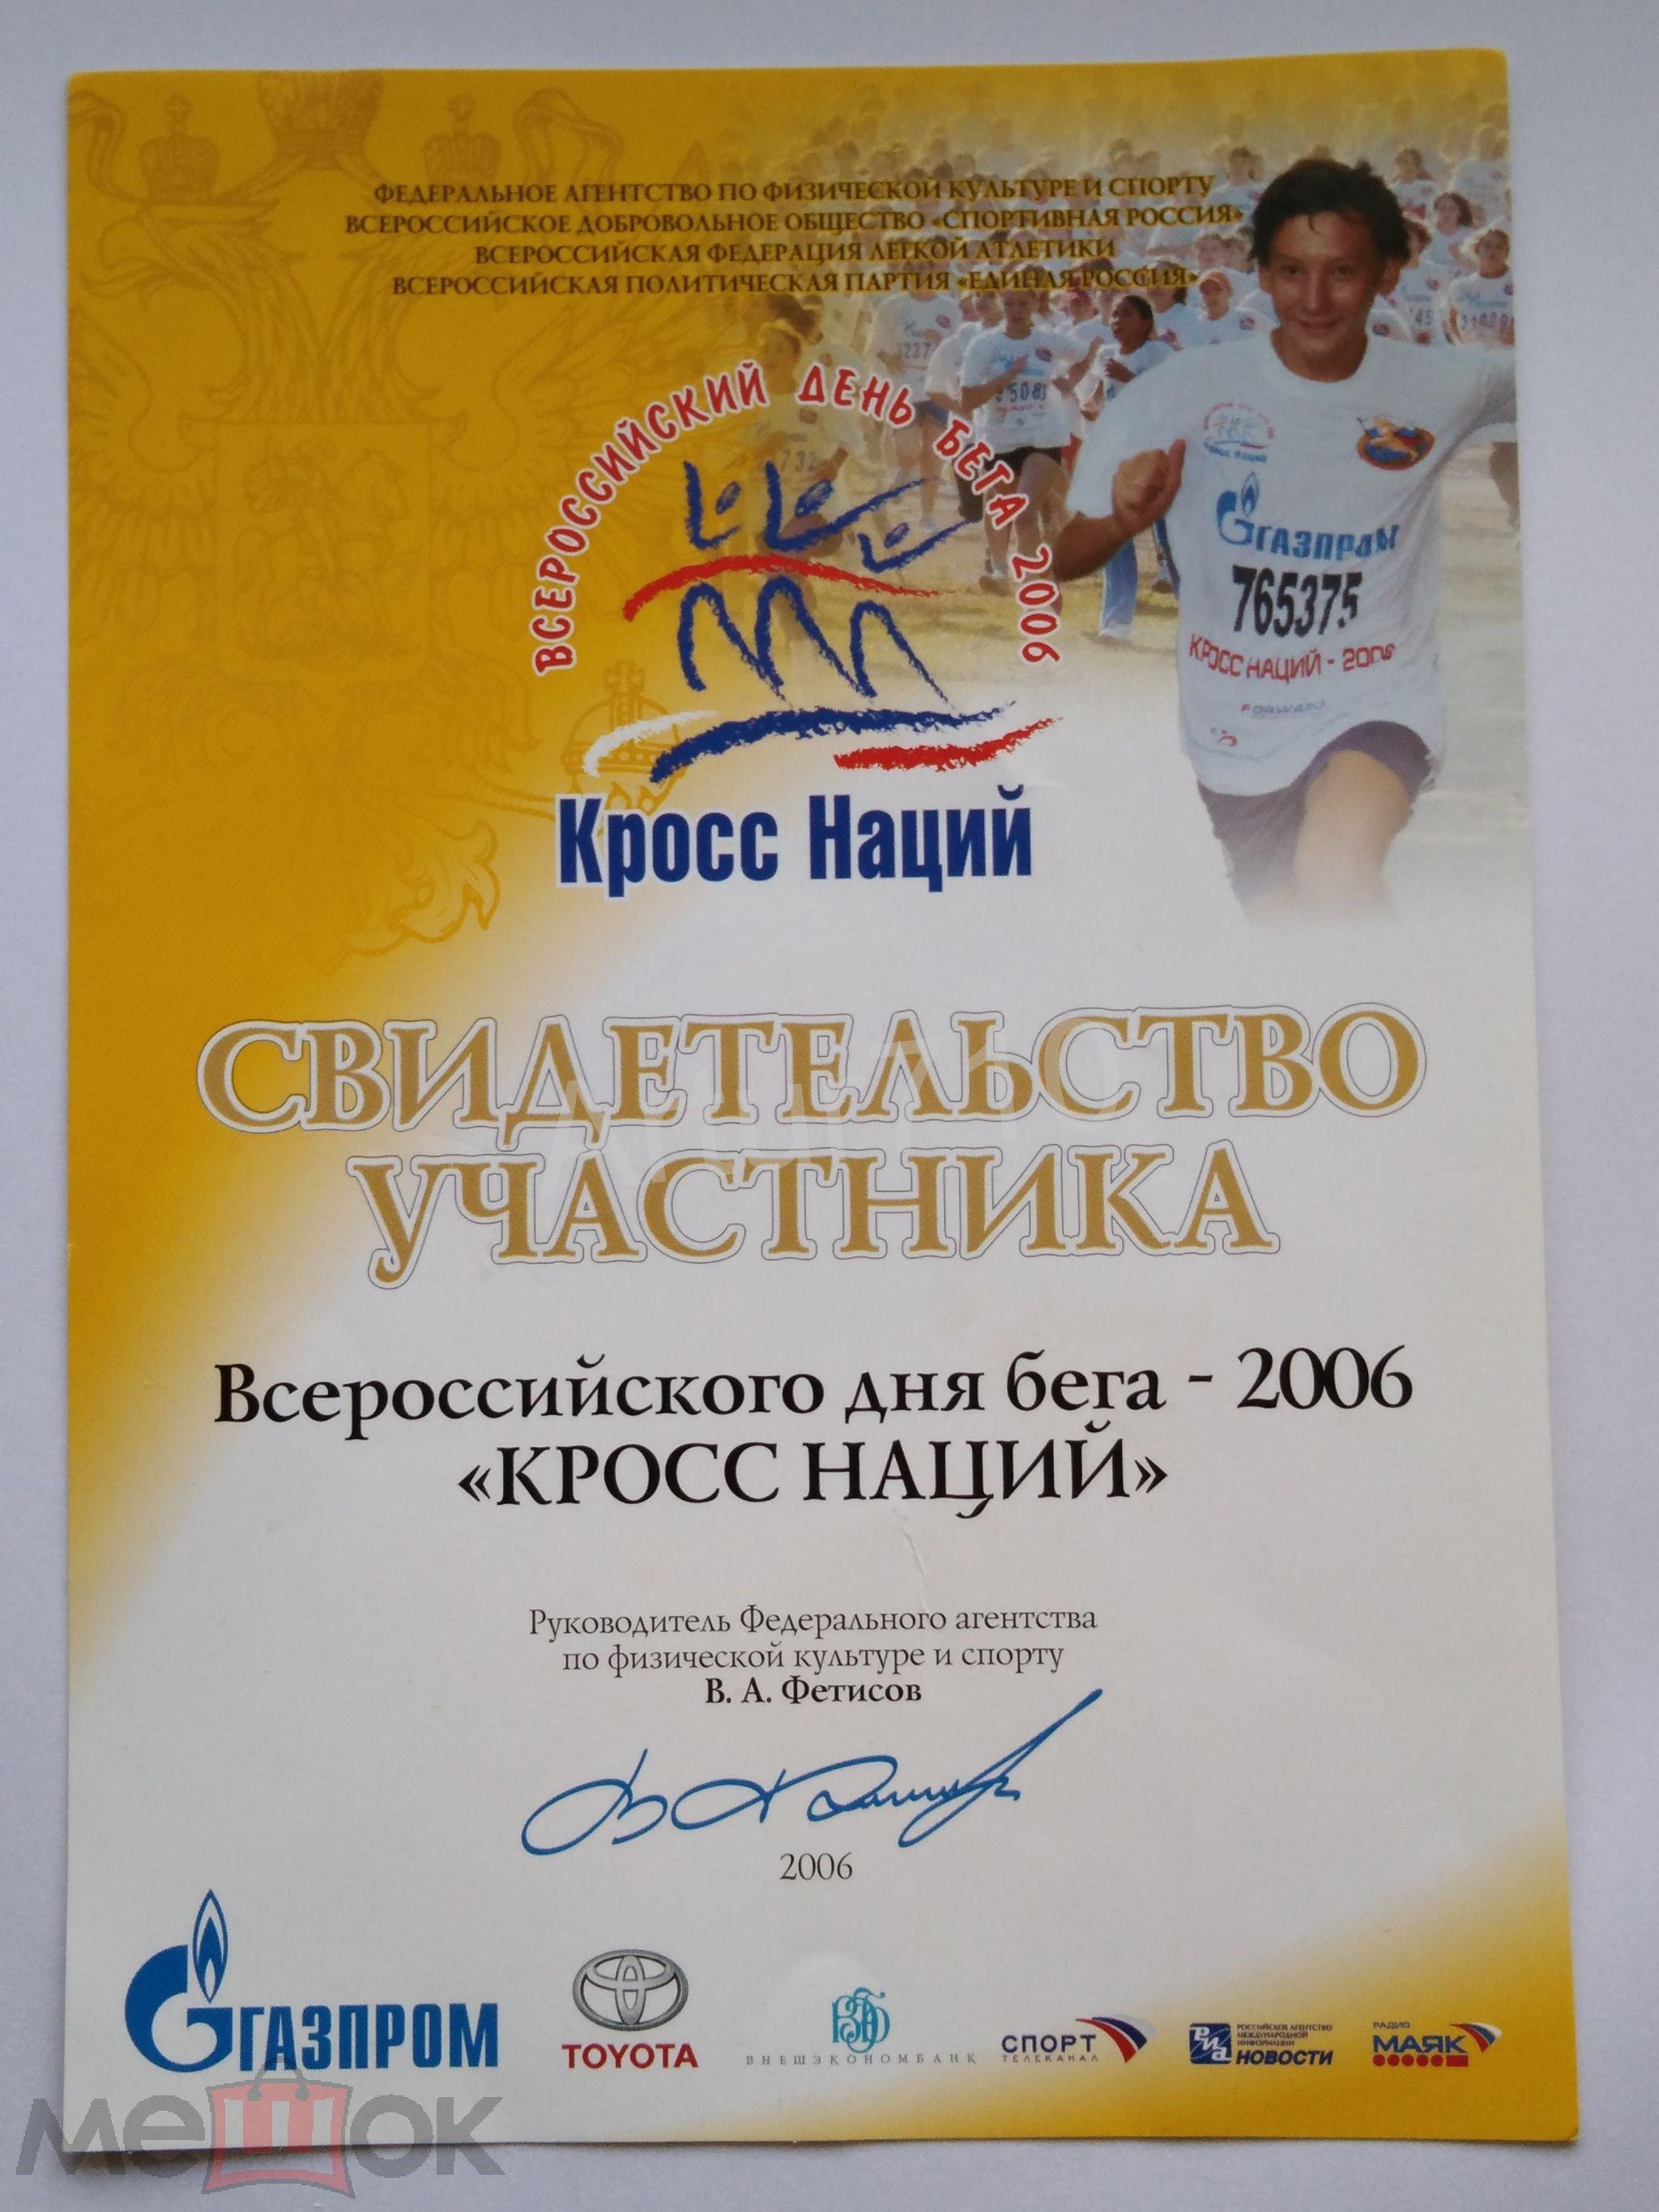 Свидетельство участника. Кросс наций 2006г.